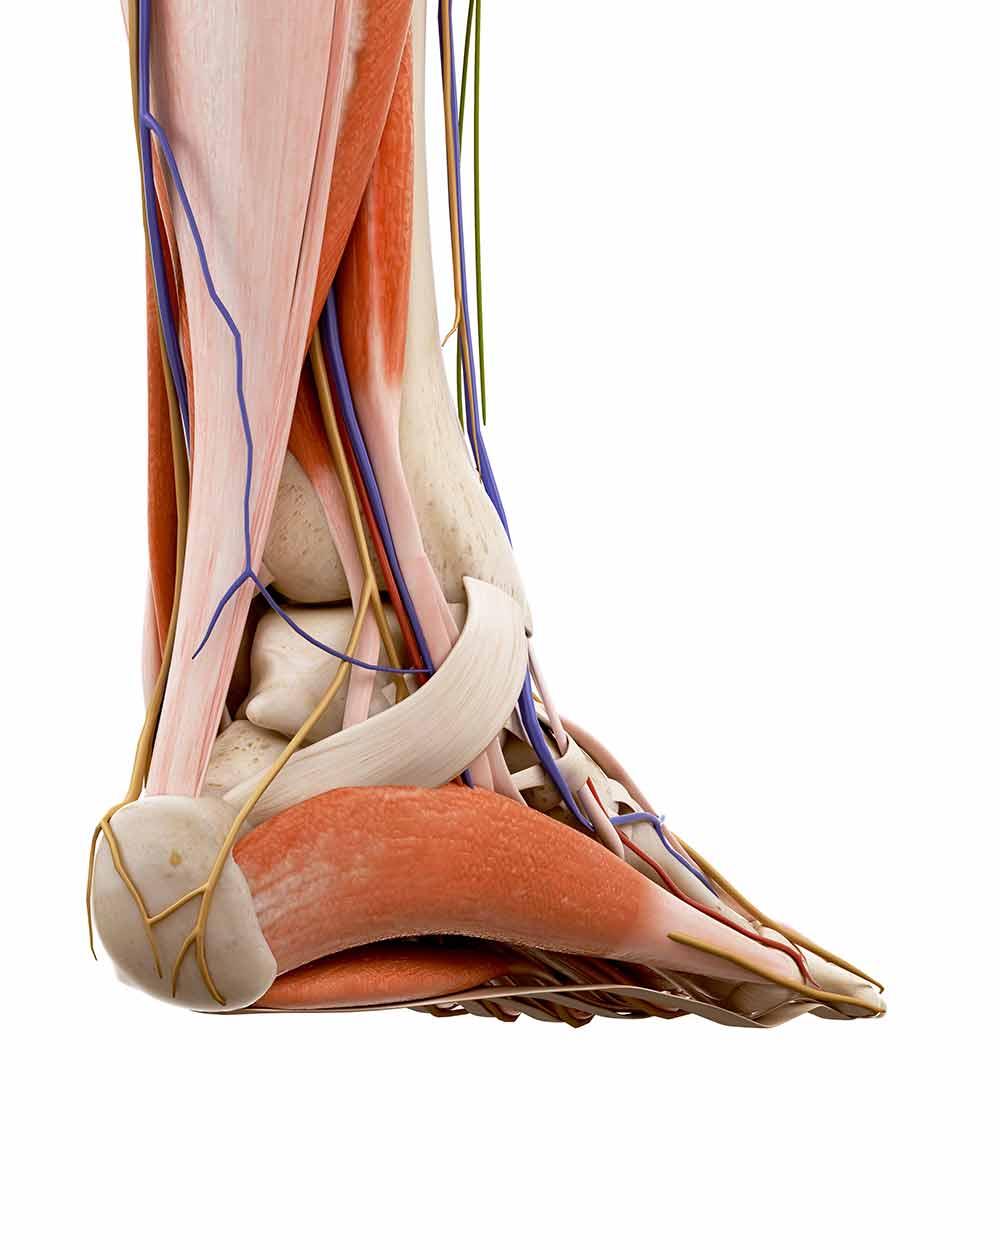 Pijn aan de binnenkant van de voet